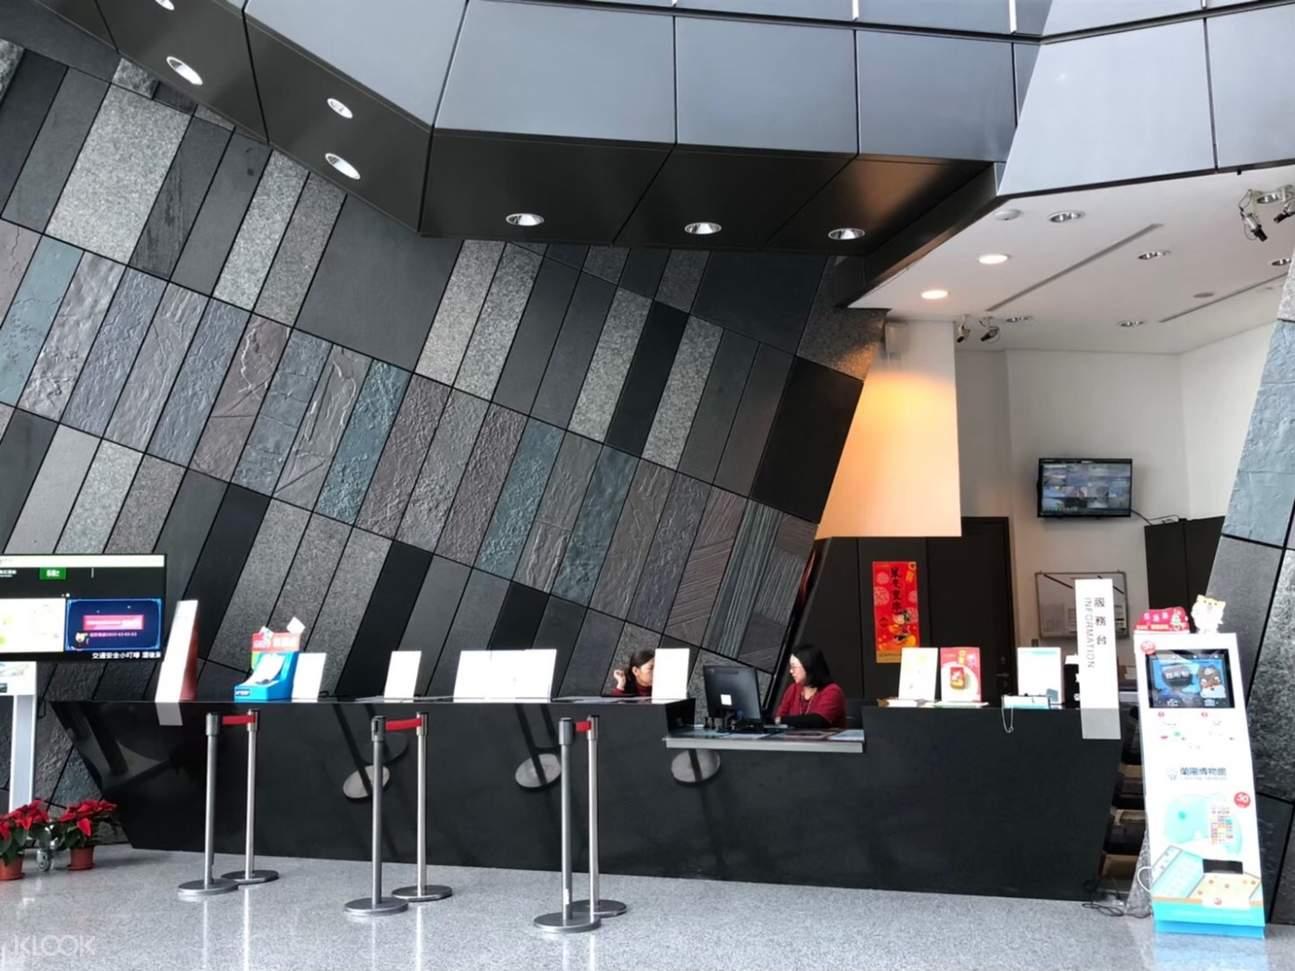 至售票處由工作人員掃描QR Code後蓋手章後即可入場,快速方便!